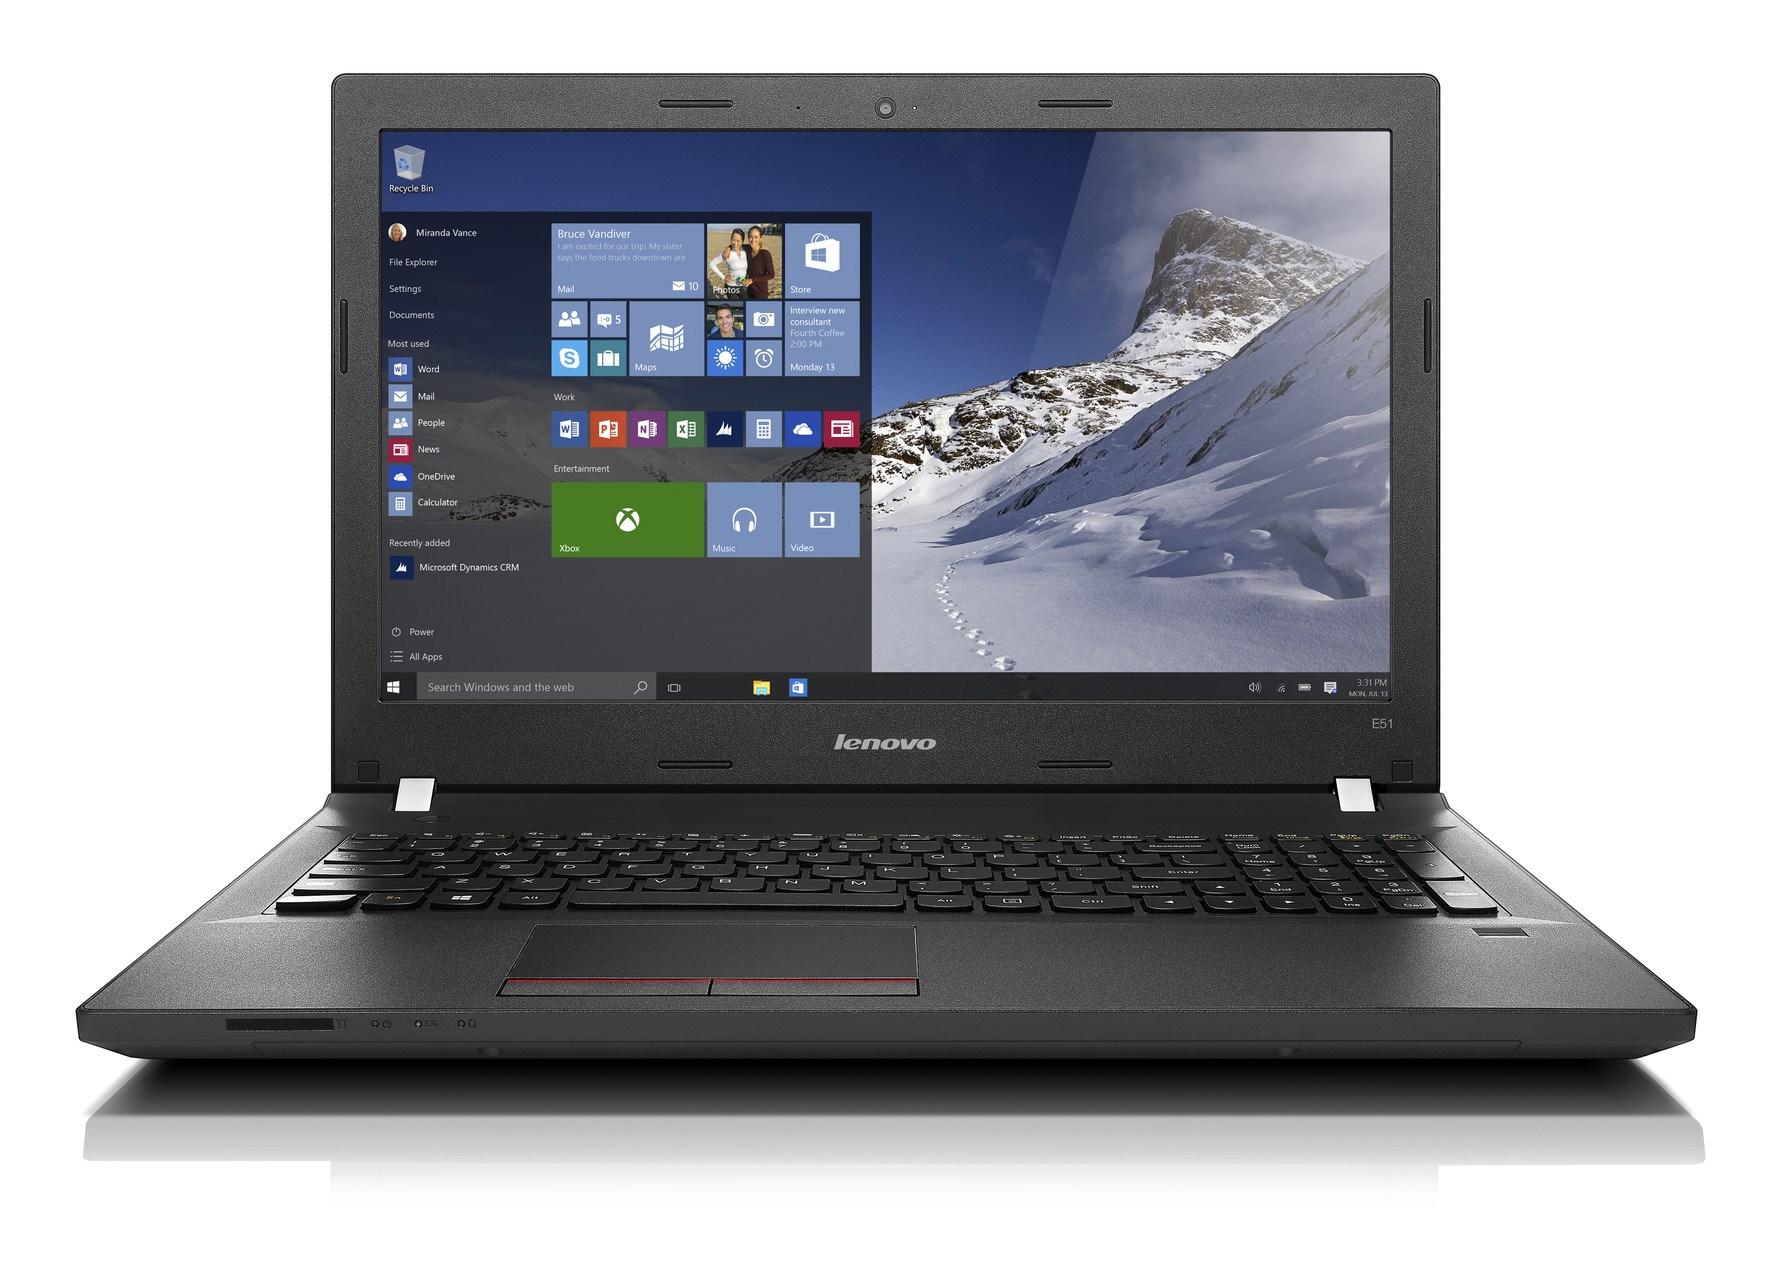 """LENOVO E51-80 černý 15.6"""" 1920x1080mat,i5-6200U@2.3GHz, 4GB, 8+1TB54,HD520,DVD,VGA,HDMI,3xUSB,4c,W10P + 3r on-site"""